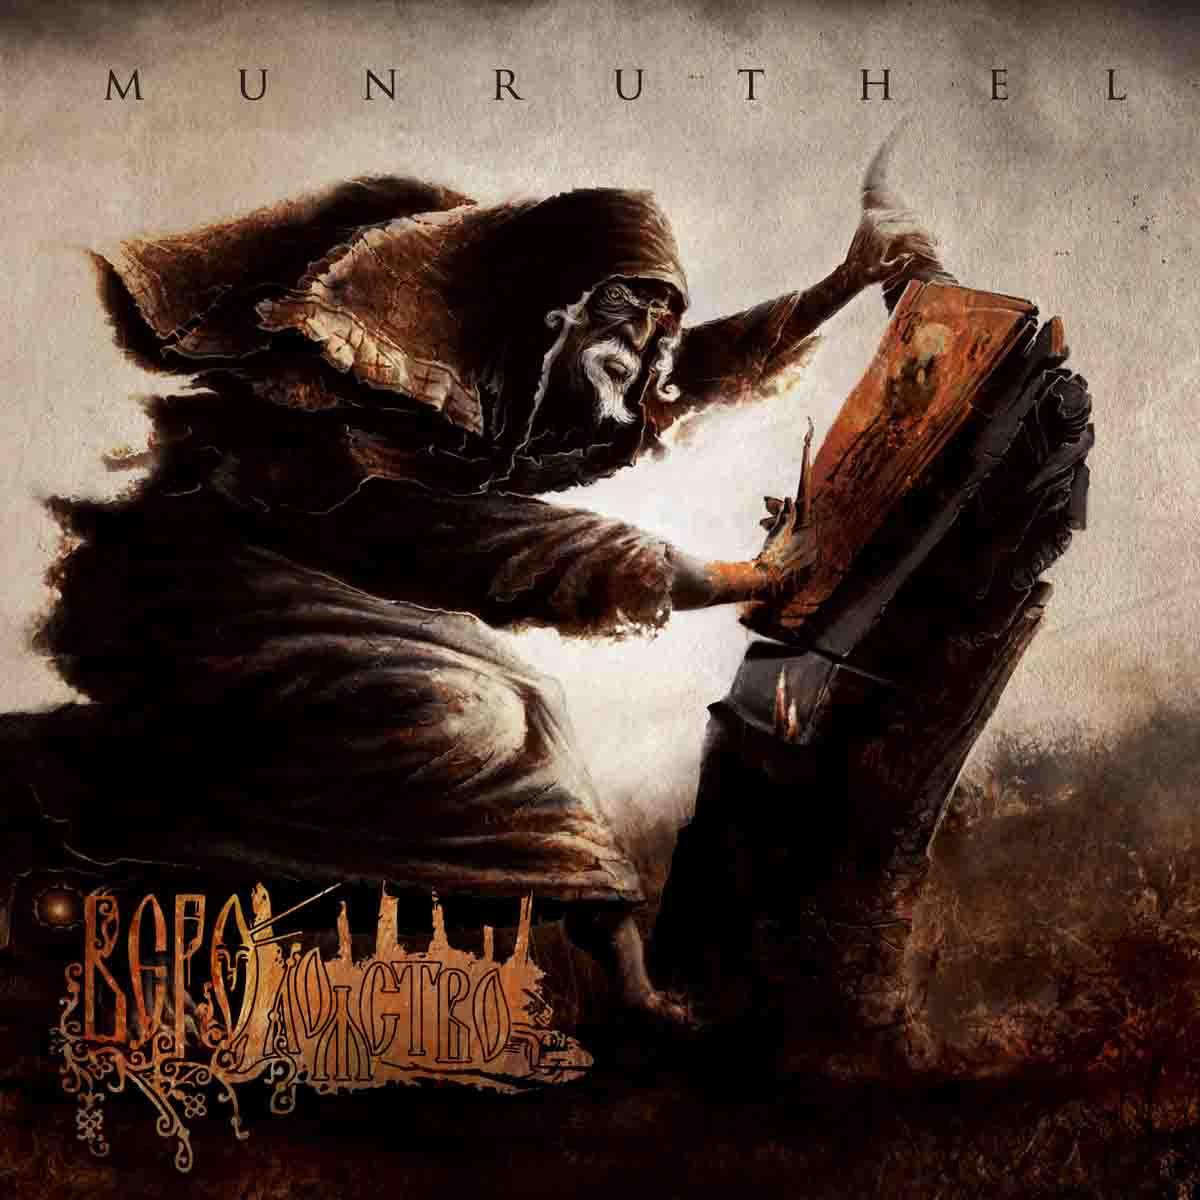 Munruthel — CREEDamage (2012)